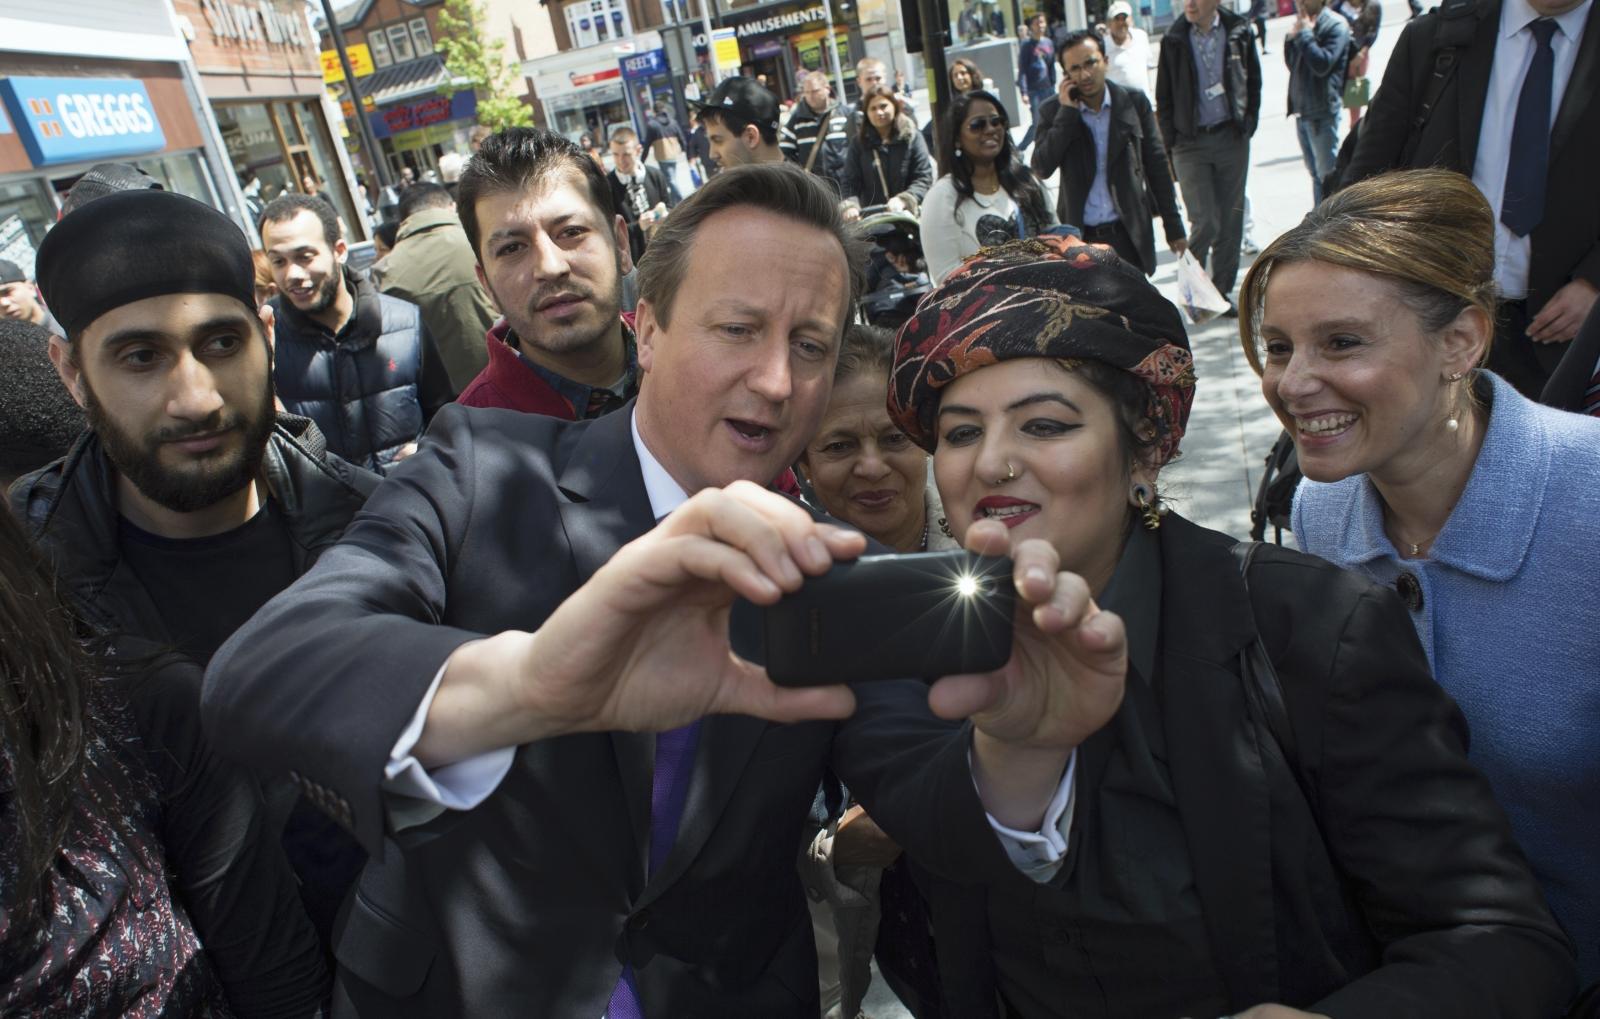 David Cameron taking selfie